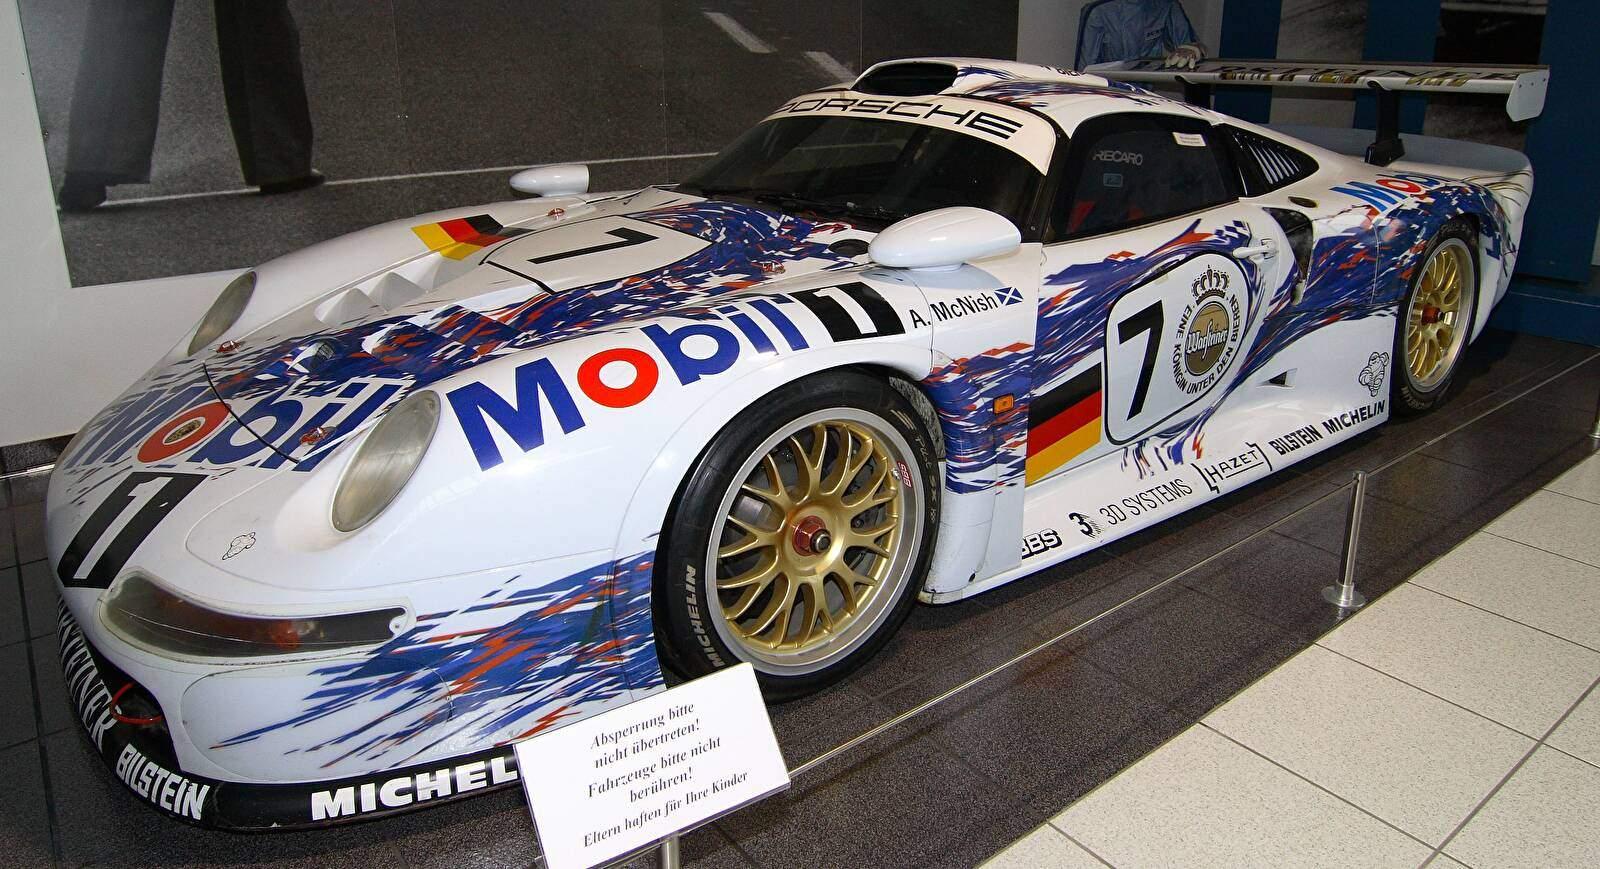 Porsche_911_GT1_1996_1998-8371.jpg